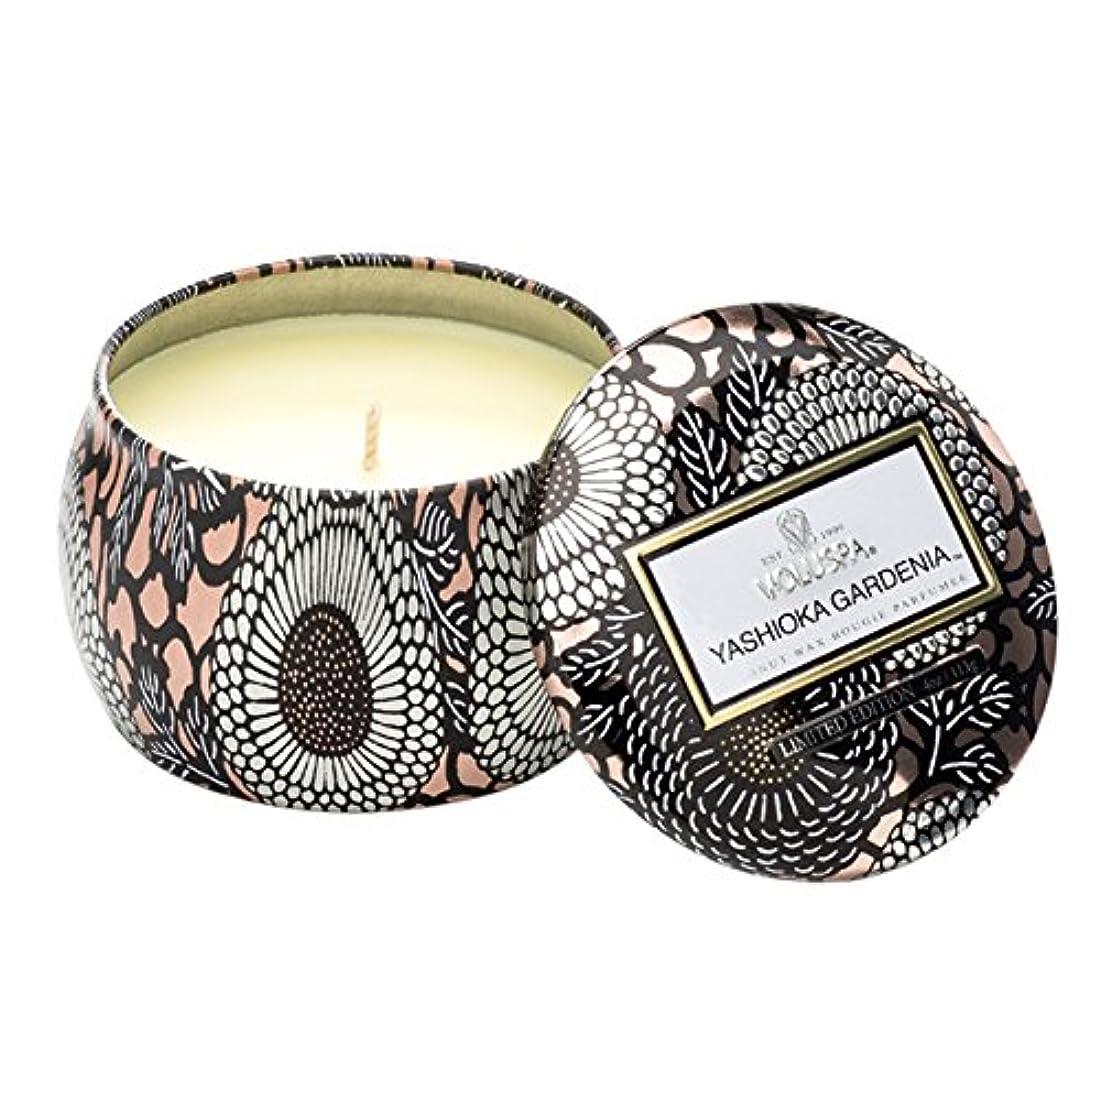 繰り返す改善音Voluspa ボルスパ ジャポニカ リミテッド ティンキャンドル  S ヤシオカガーデニア YASHIOKA GARDENIA JAPONICA Limited PETITE Tin Glass Candle